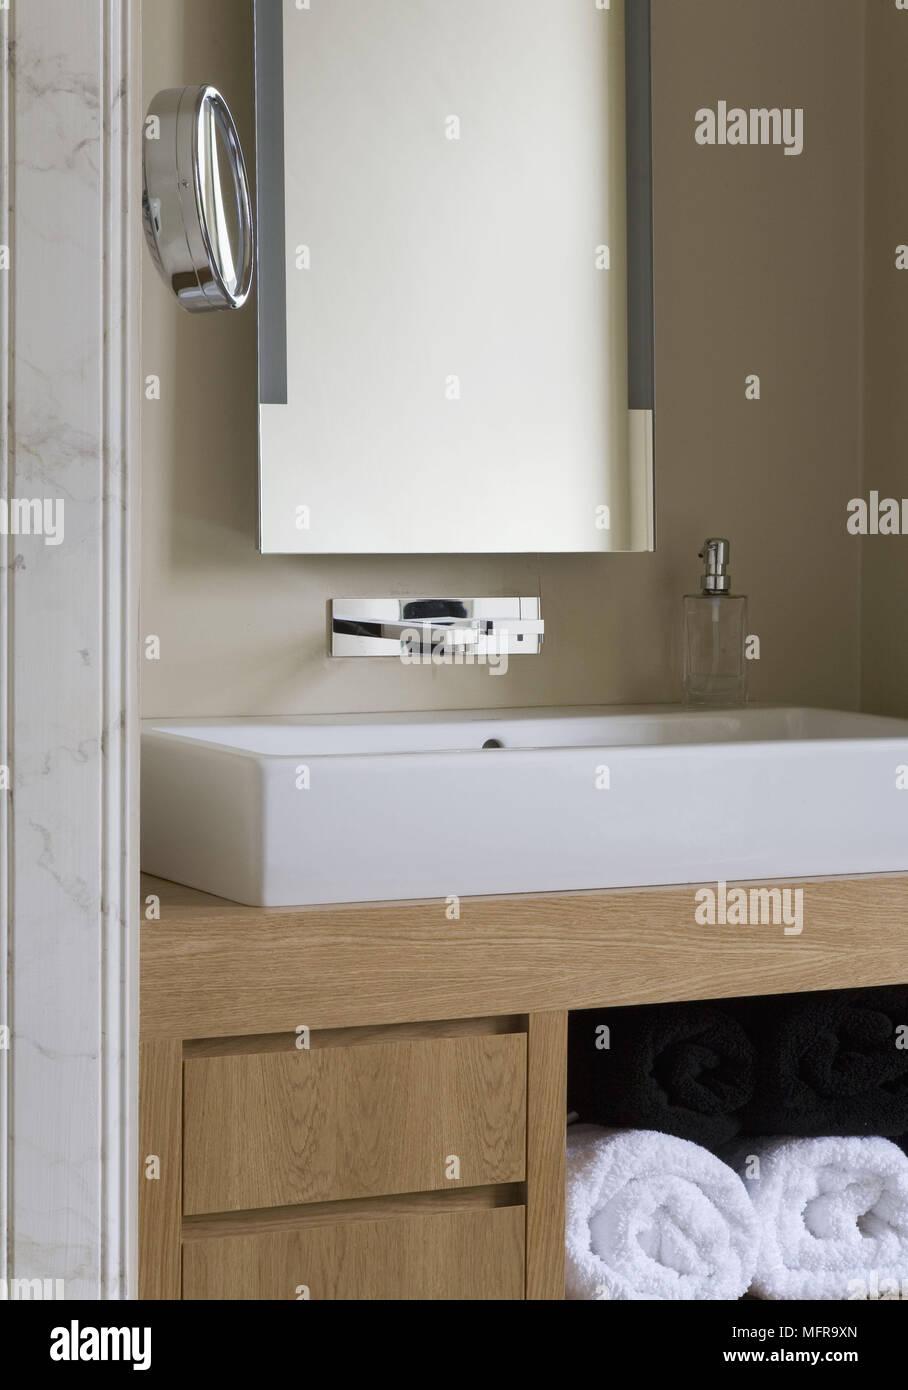 Perfekt Spiegel über Dem Waschbecken Auf Storage Unit In Die Aussparung Des Modernen  Badezimmer Set